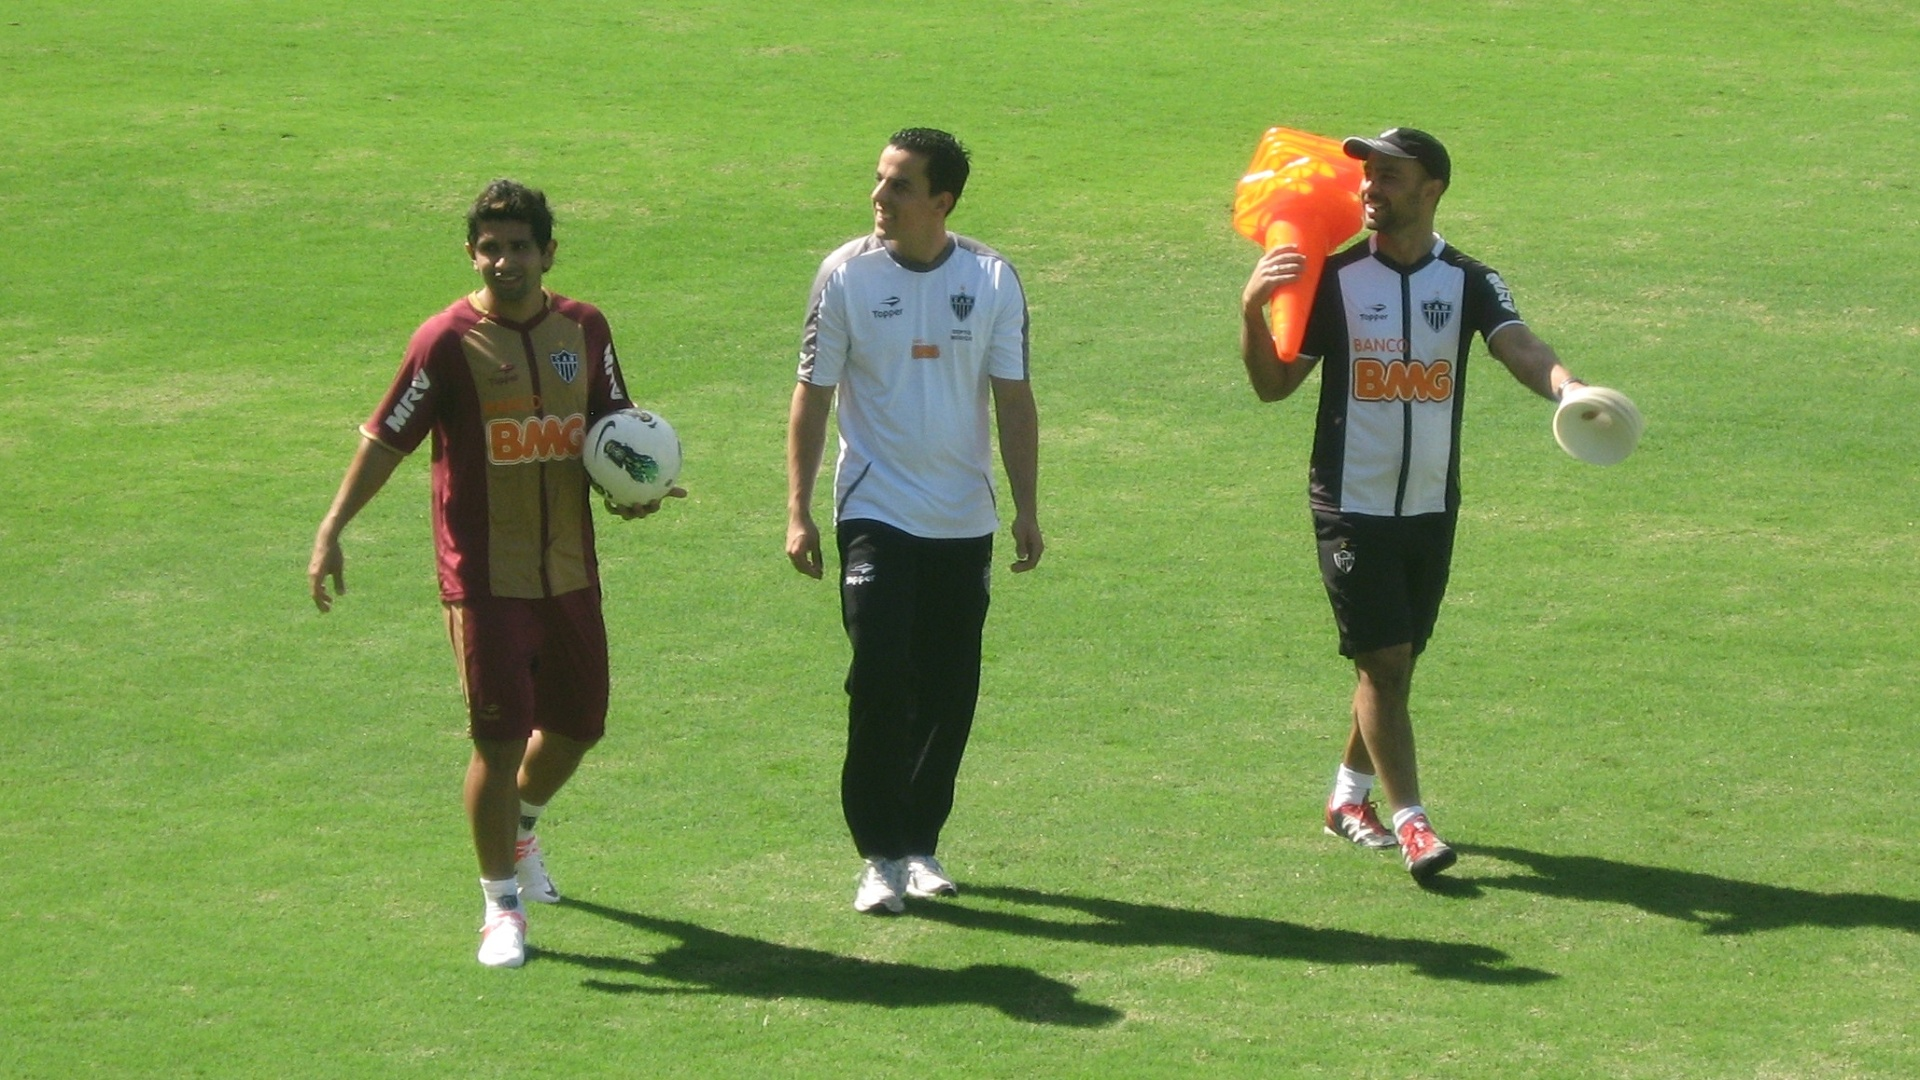 Atacante Guilherme participa de treino no Atlético-MG na Cidade do Galo (4/7/2012)